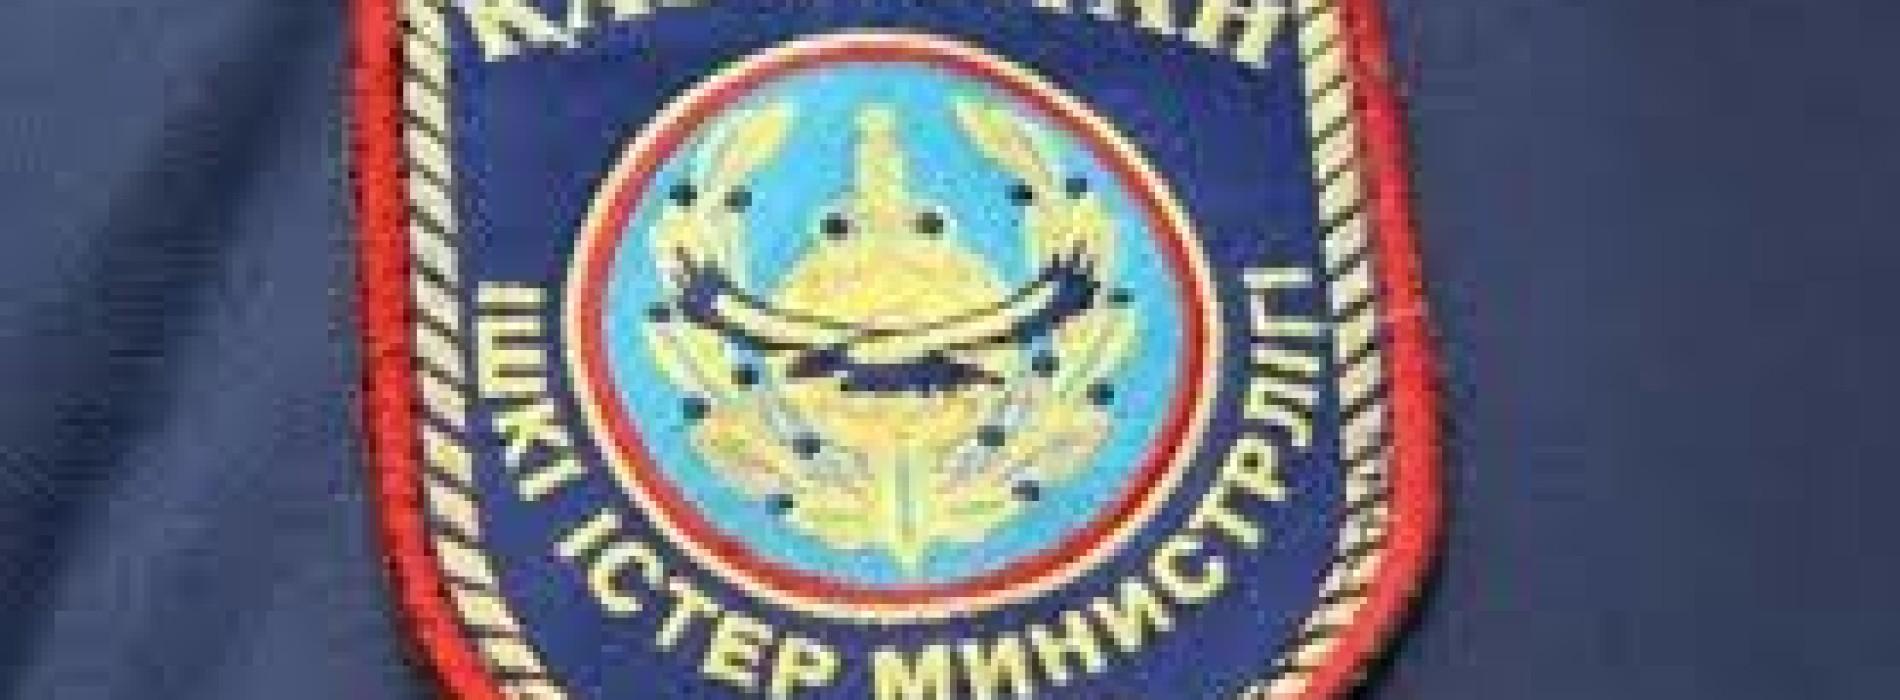 В Акмолинской области задержали заместителя начальника РОВД.